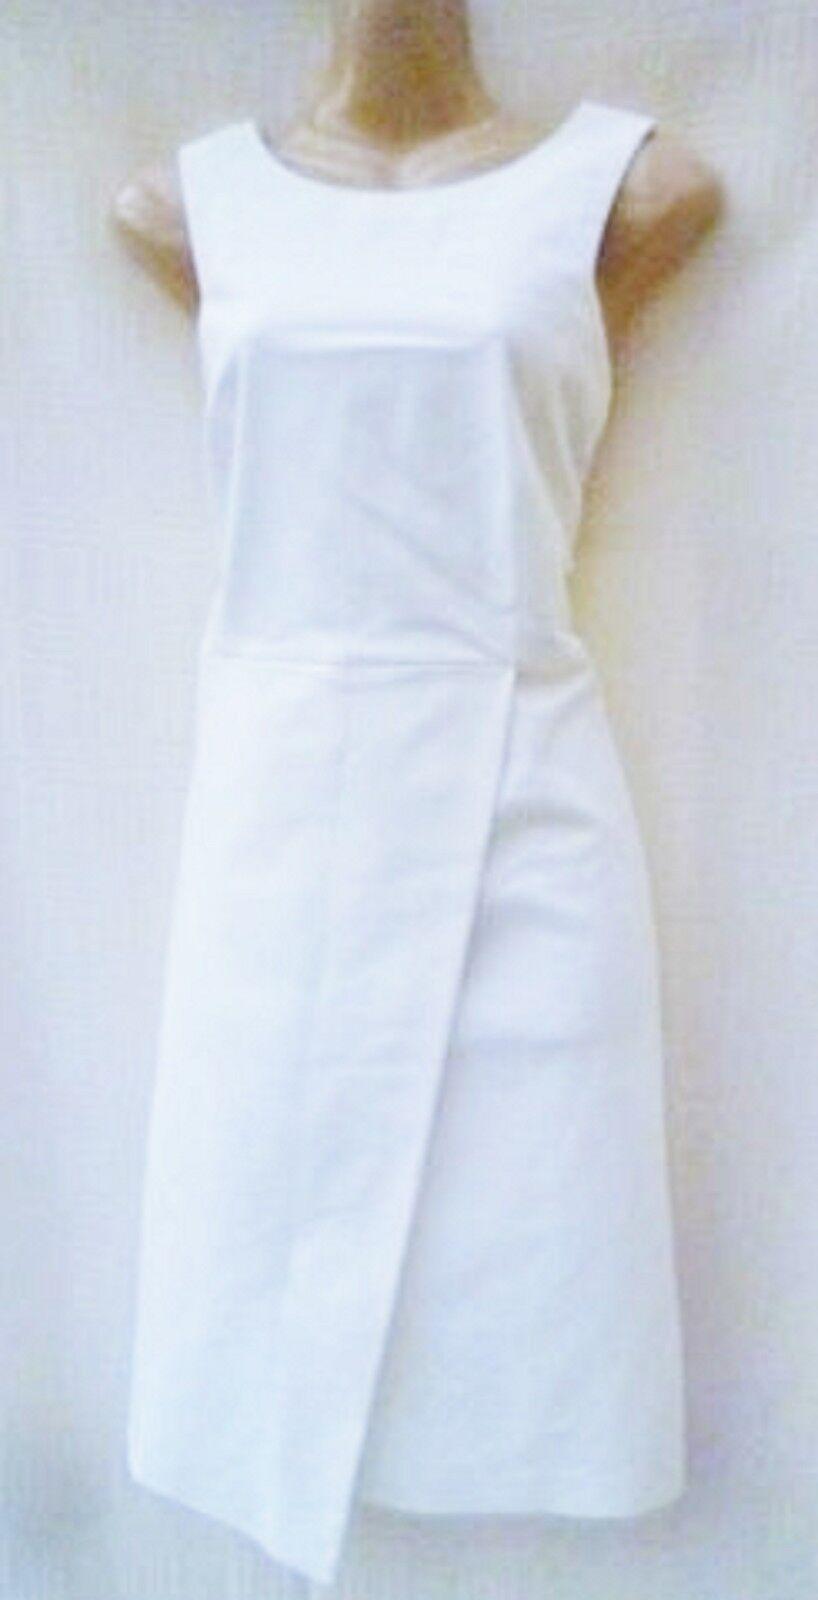 LAURA CLEMENT COTTON BLEND STRAIGHT CUT DRESS SIZE 14 UK ()